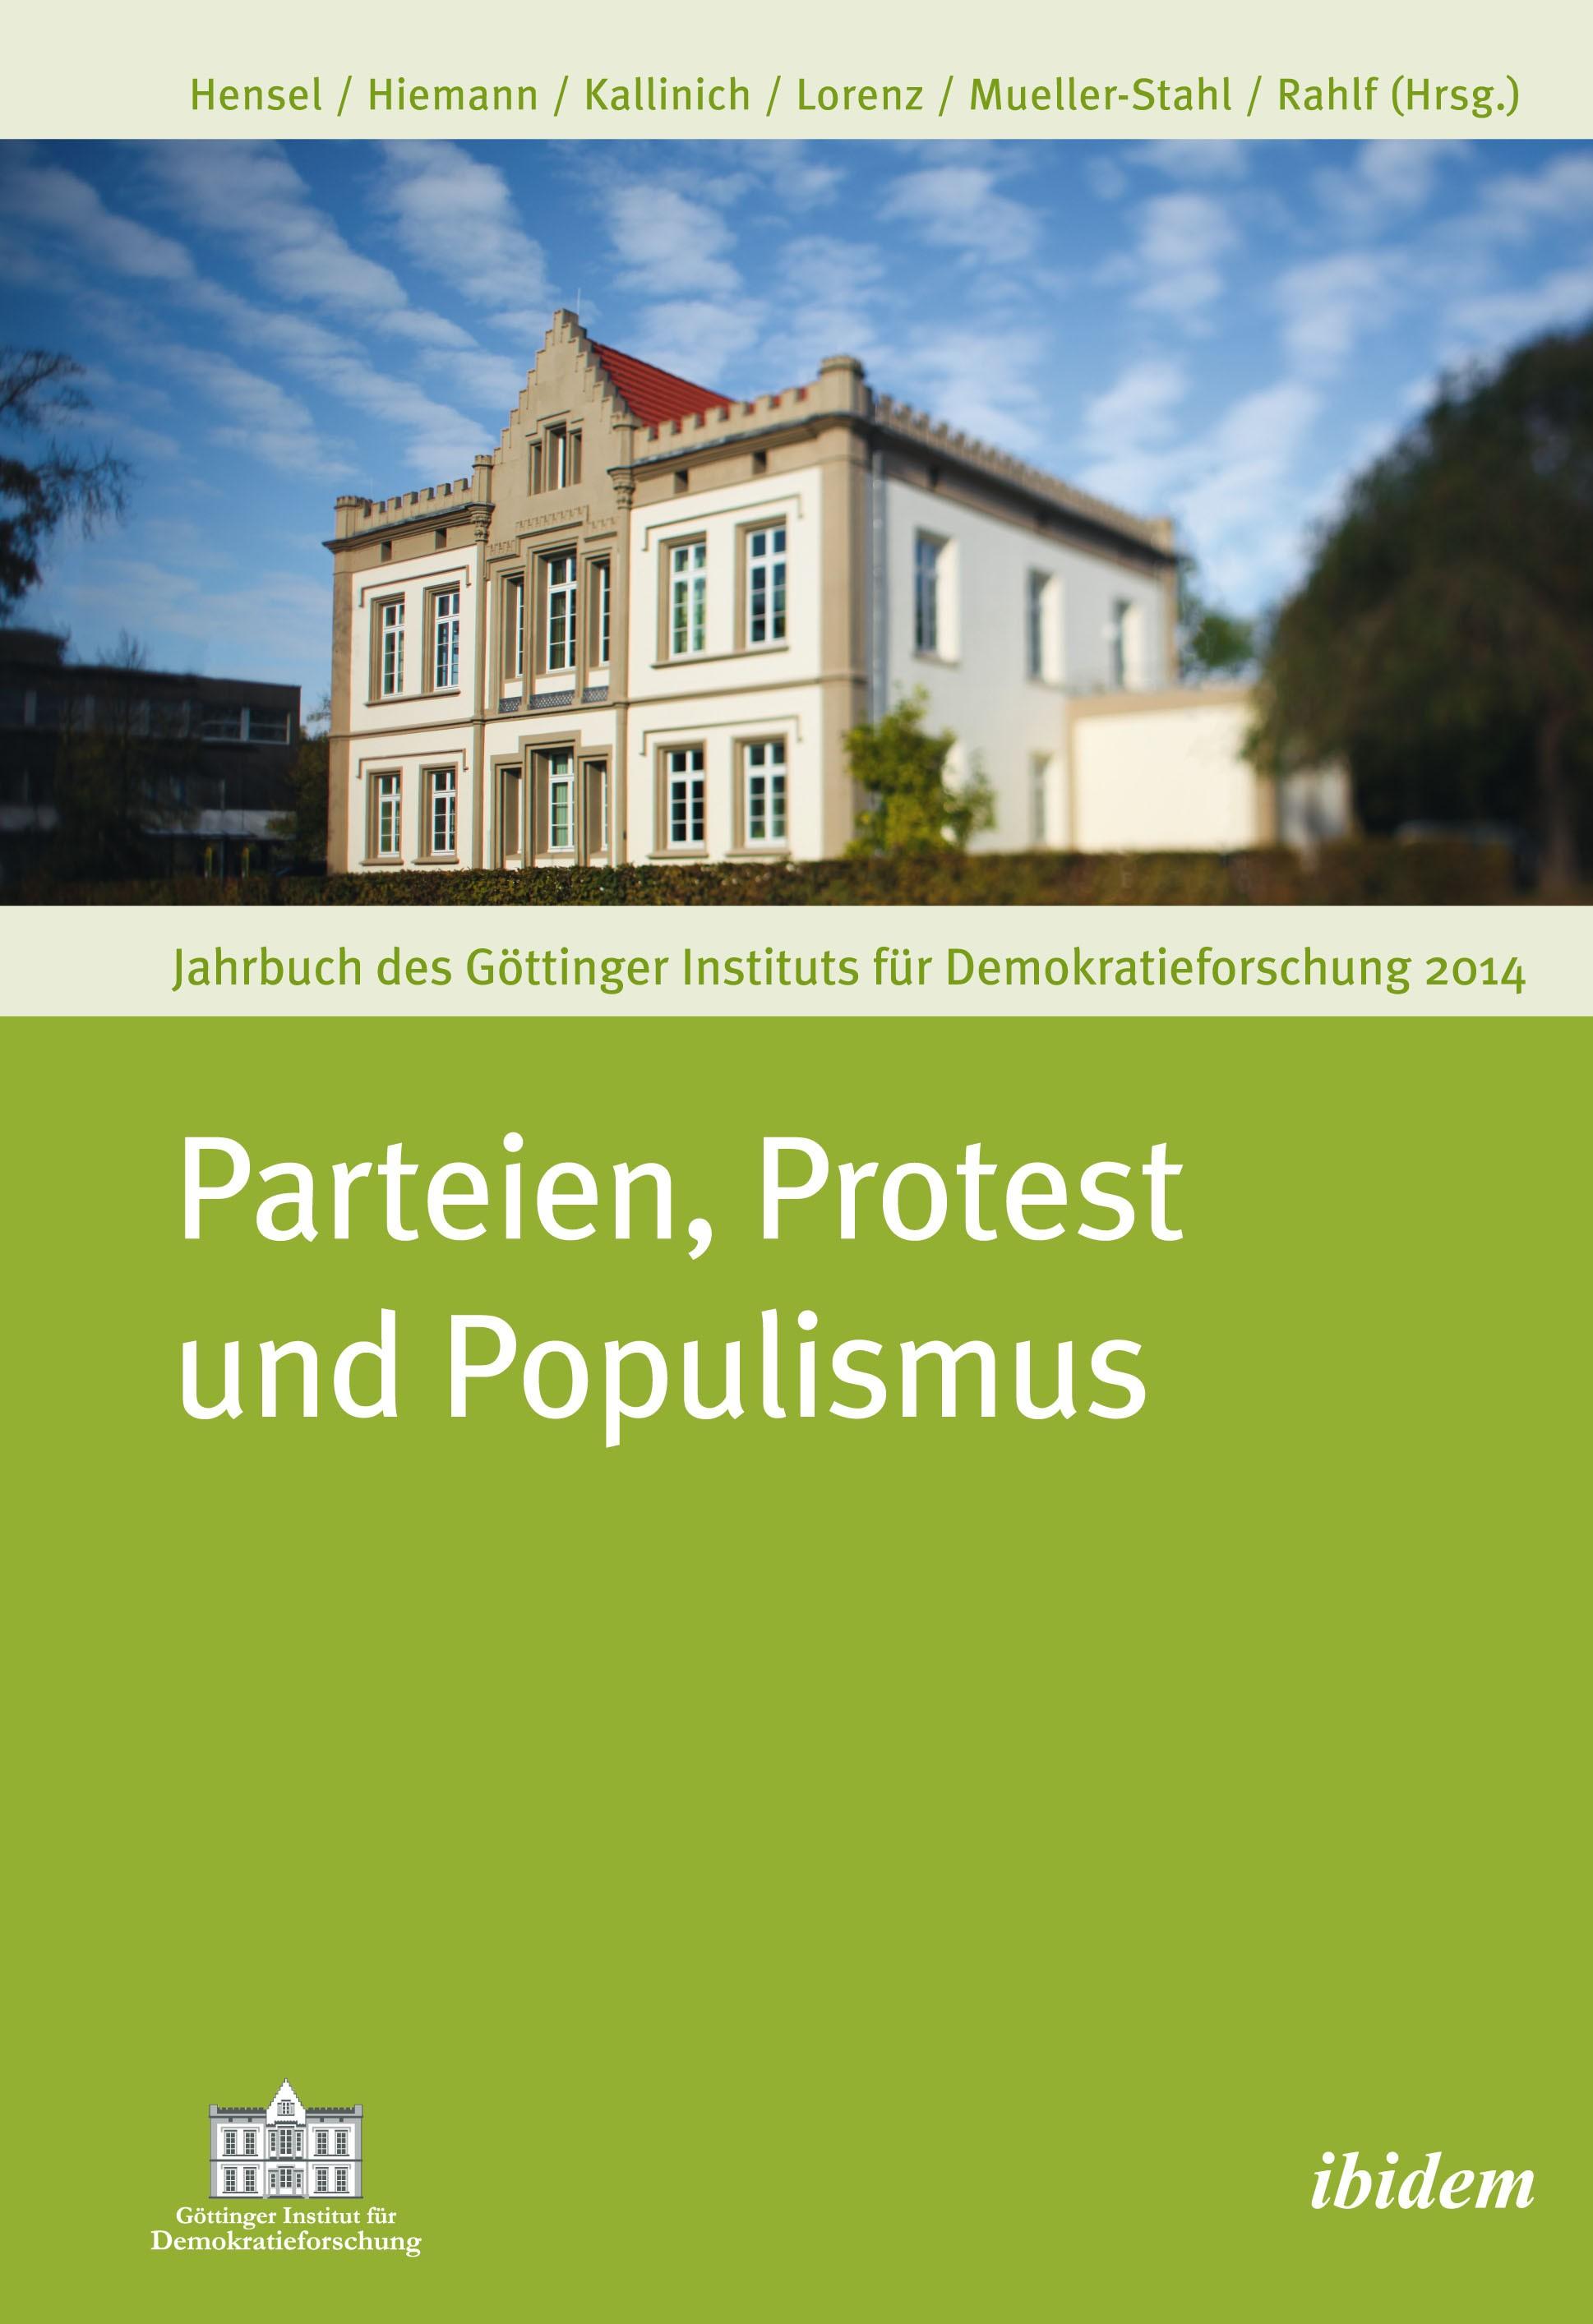 Parteien, Protest und Populismus